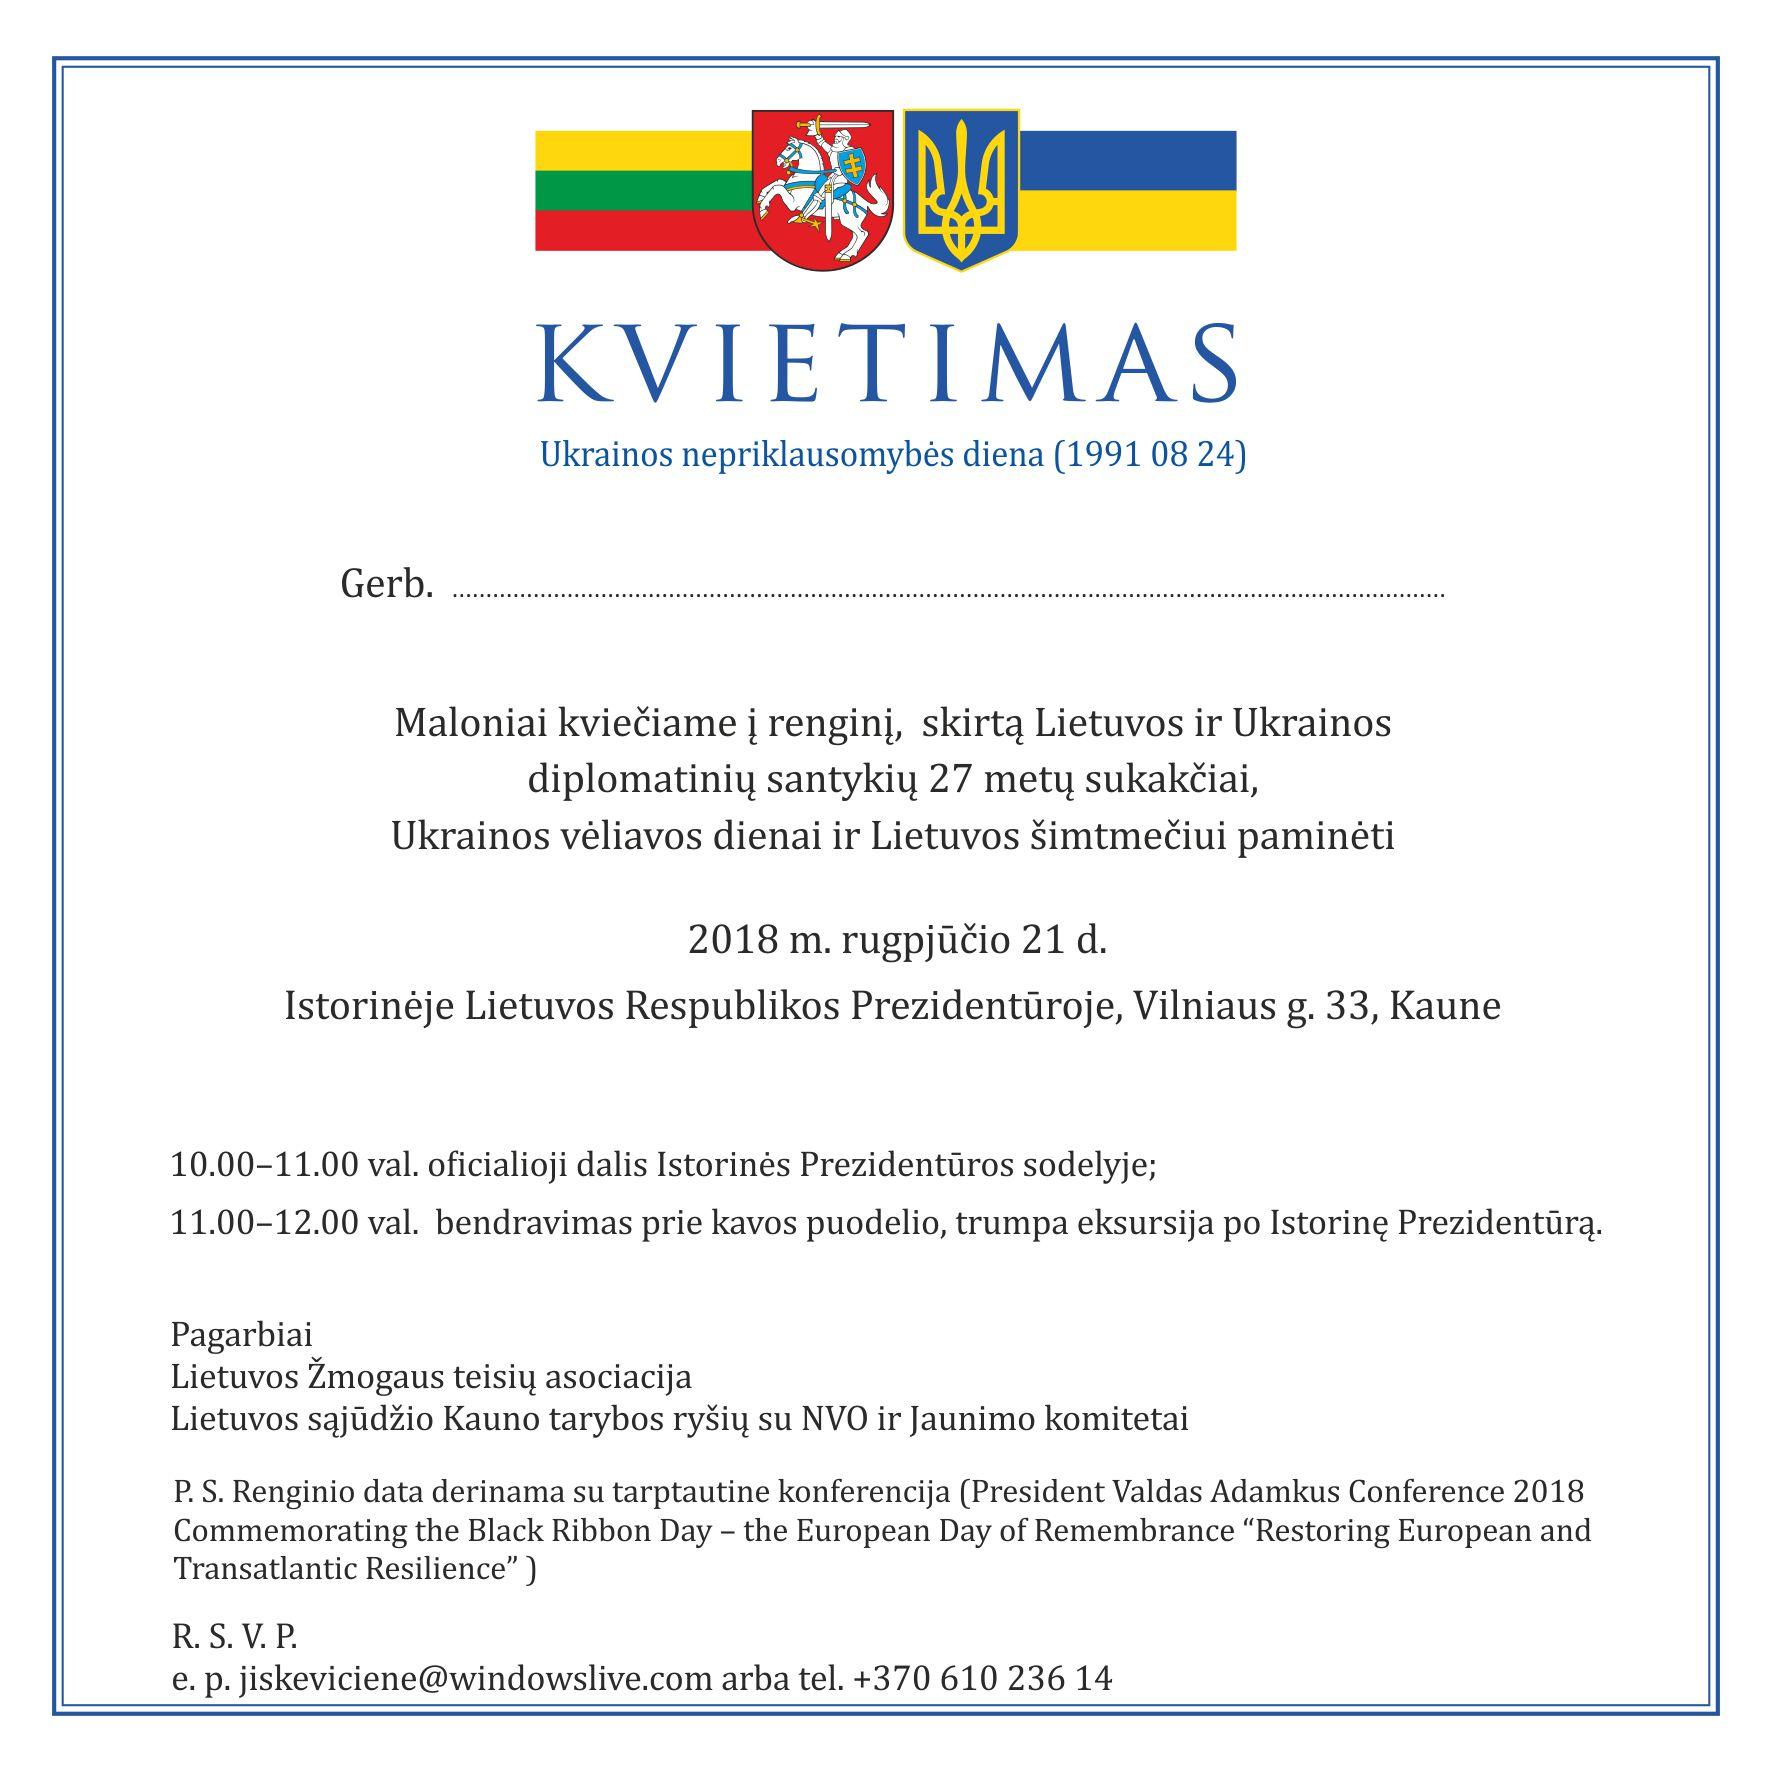 Ukrainos Nepriklausomybės dienos minėjimas Kaune